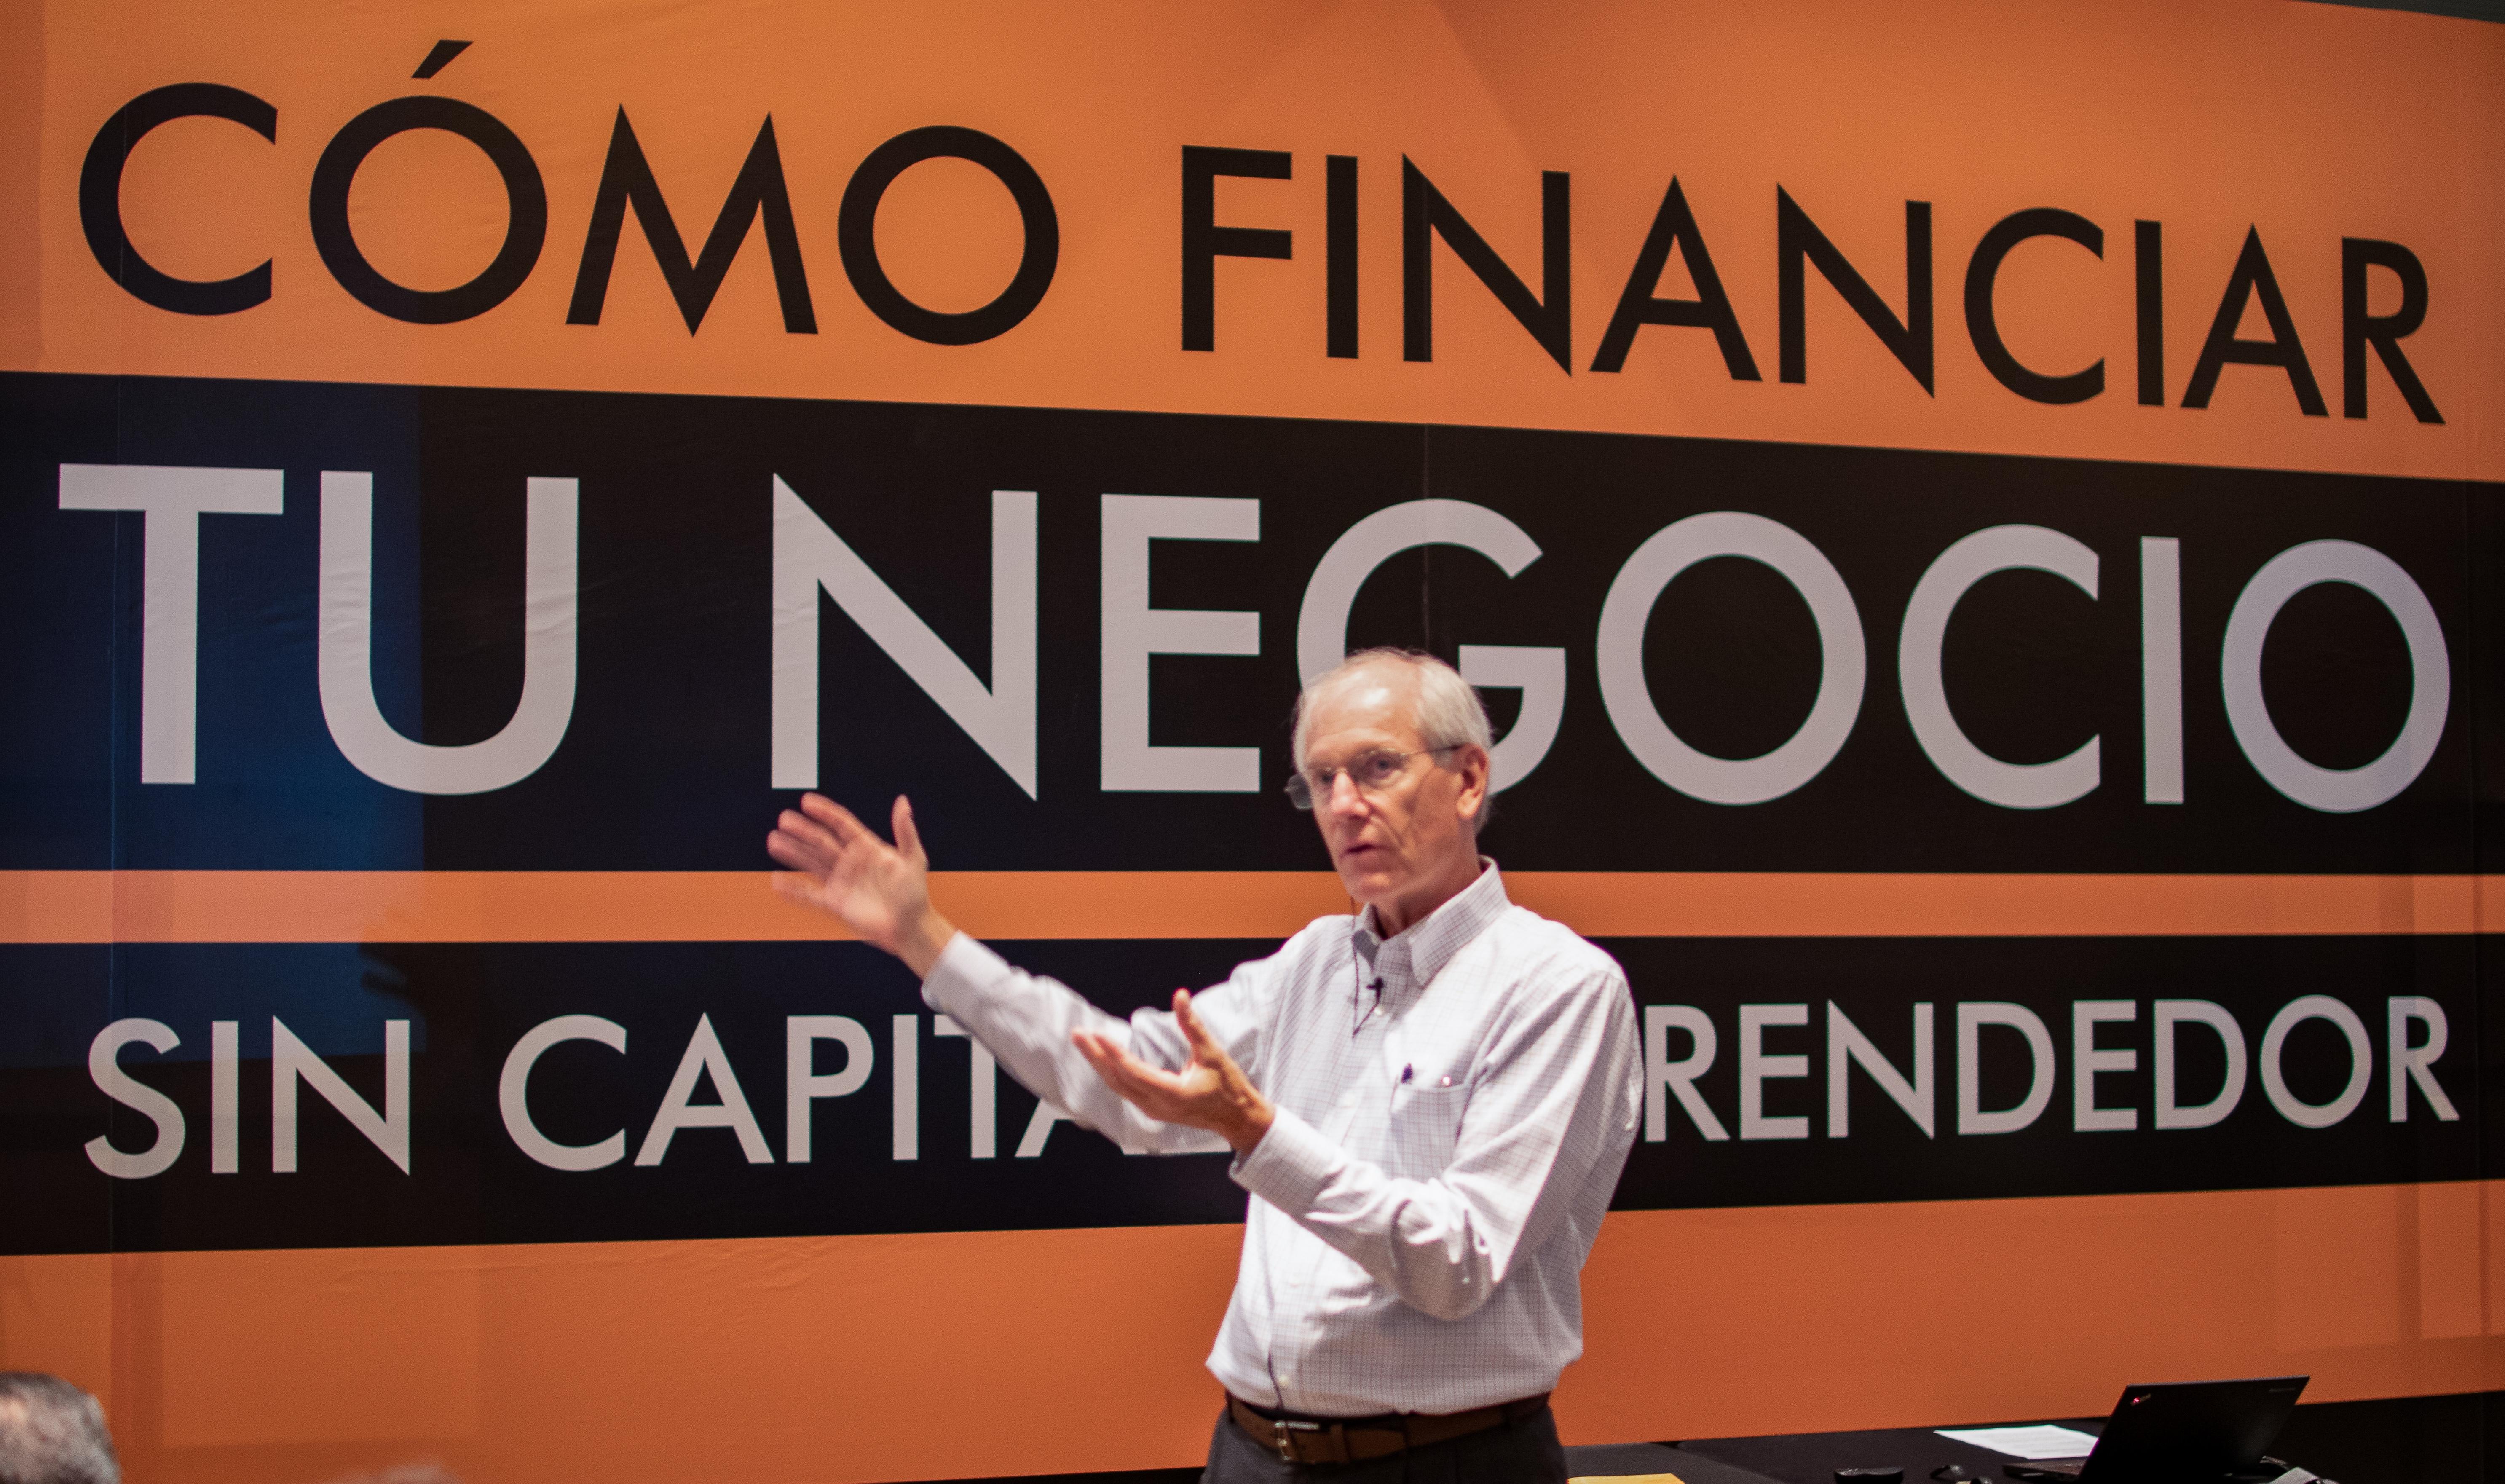 Crónica de un gran evento: Cómo financiar tu negocio sin Capital Emprendedor